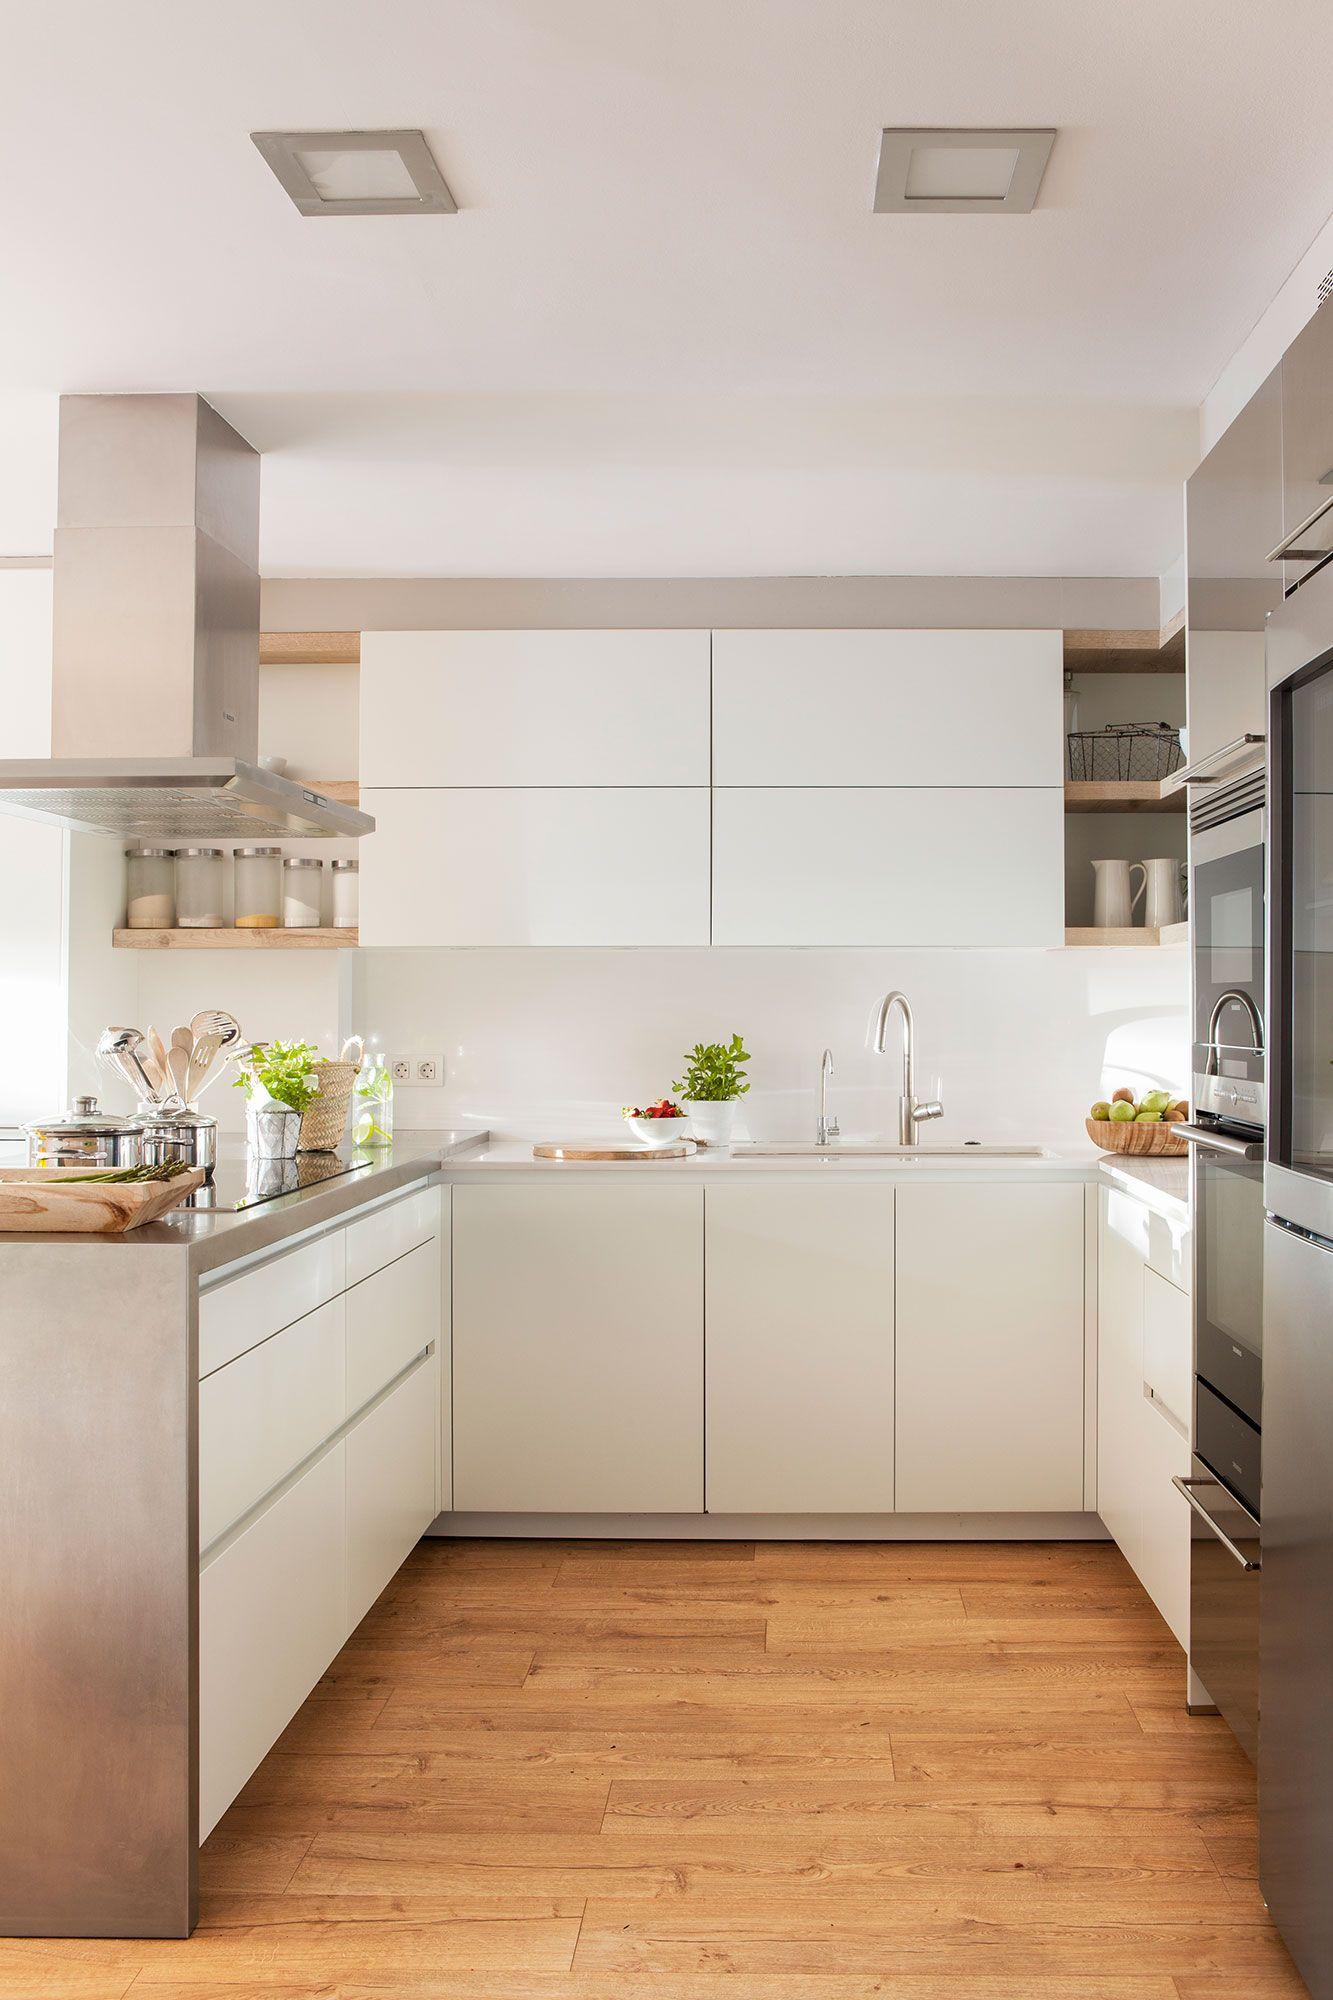 Excepcional Costará La Remodelación De La Cocina Pequeña Condominio ...